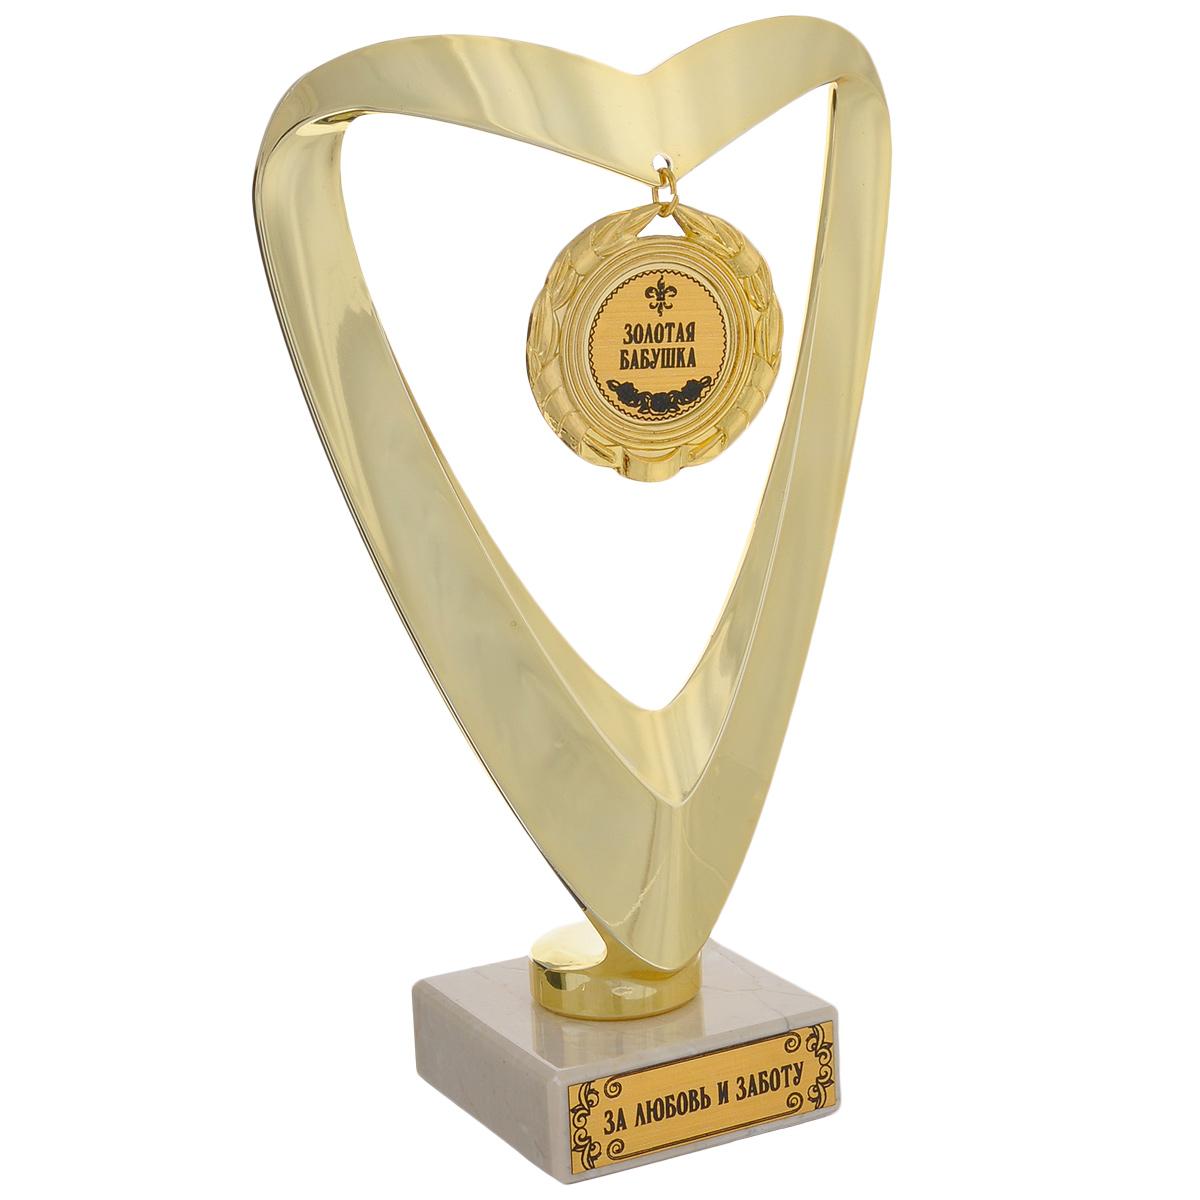 Кубок Сердце. Золотая бабушка, высота 18,5 см95704Кубок Сердце. Золотая бабушка станет замечательным сувениром. Кубок выполнен из пластика с золотистым покрытием. Основание изготовлено из искусственного мрамора. Кубок имеет форму сердца, декорированного металлической подвеской с надписью Золотая бабушка. Основание оформлено надписью За любовь и заботу. Такой кубок обязательно порадует получателя, вызовет улыбку и массу положительных эмоций.